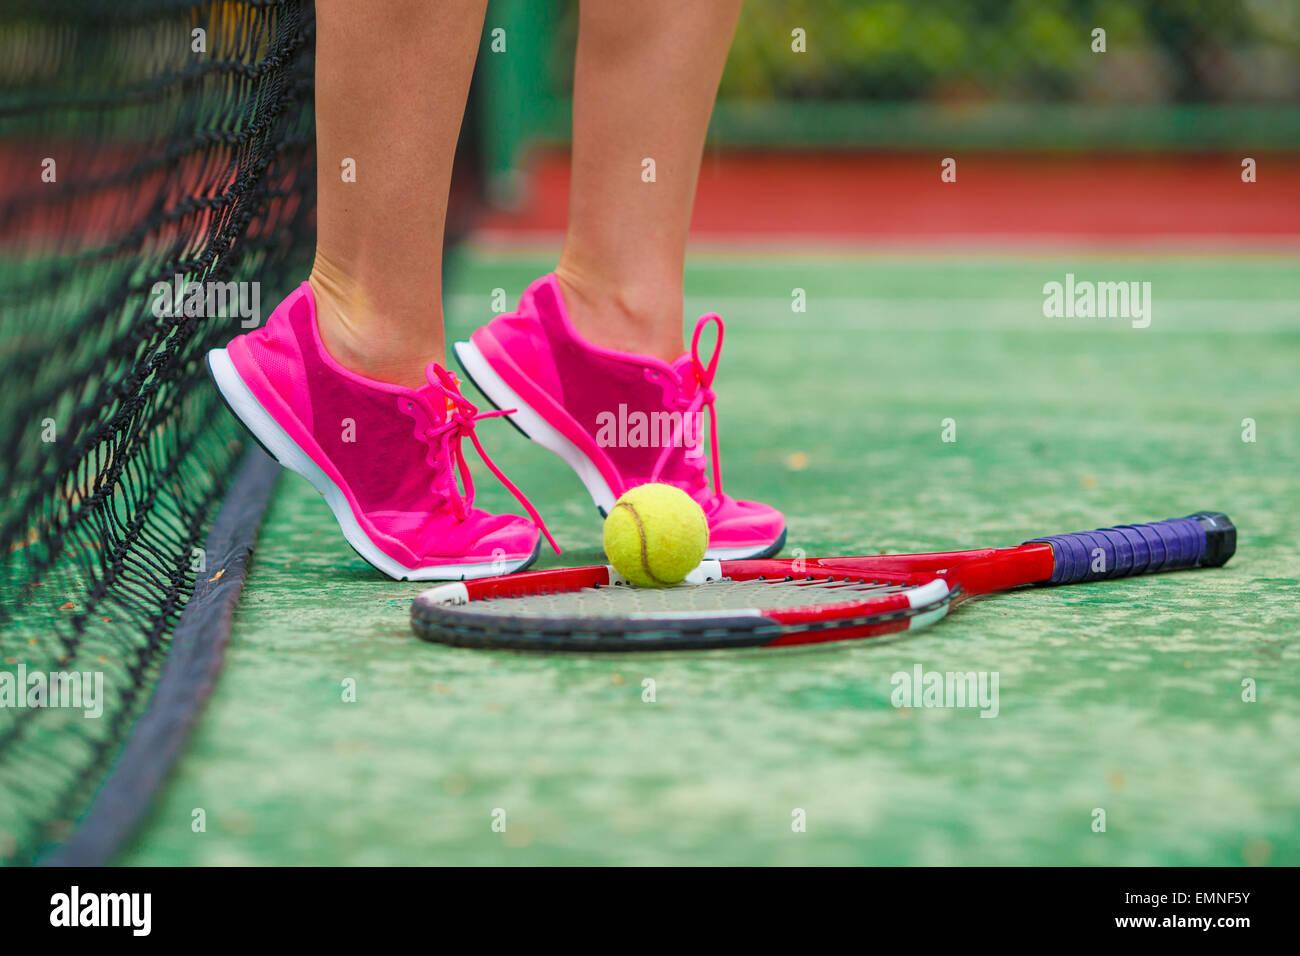 Cerca de zapatillas cerca de la raqueta de tenis y la bola Imagen De Stock